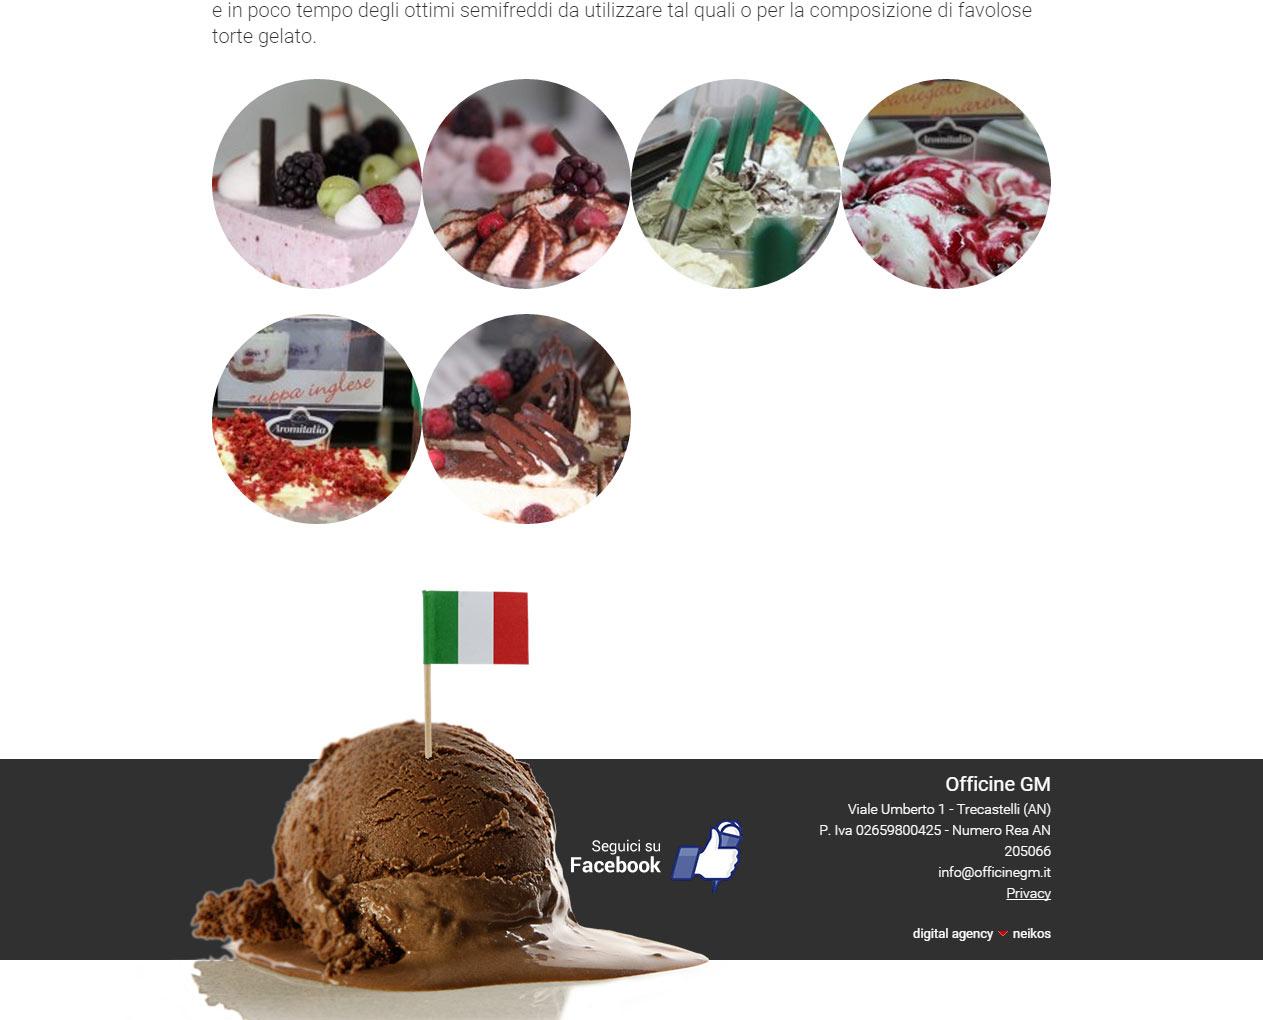 Officine GM, portale dedicato al mondo del gelato